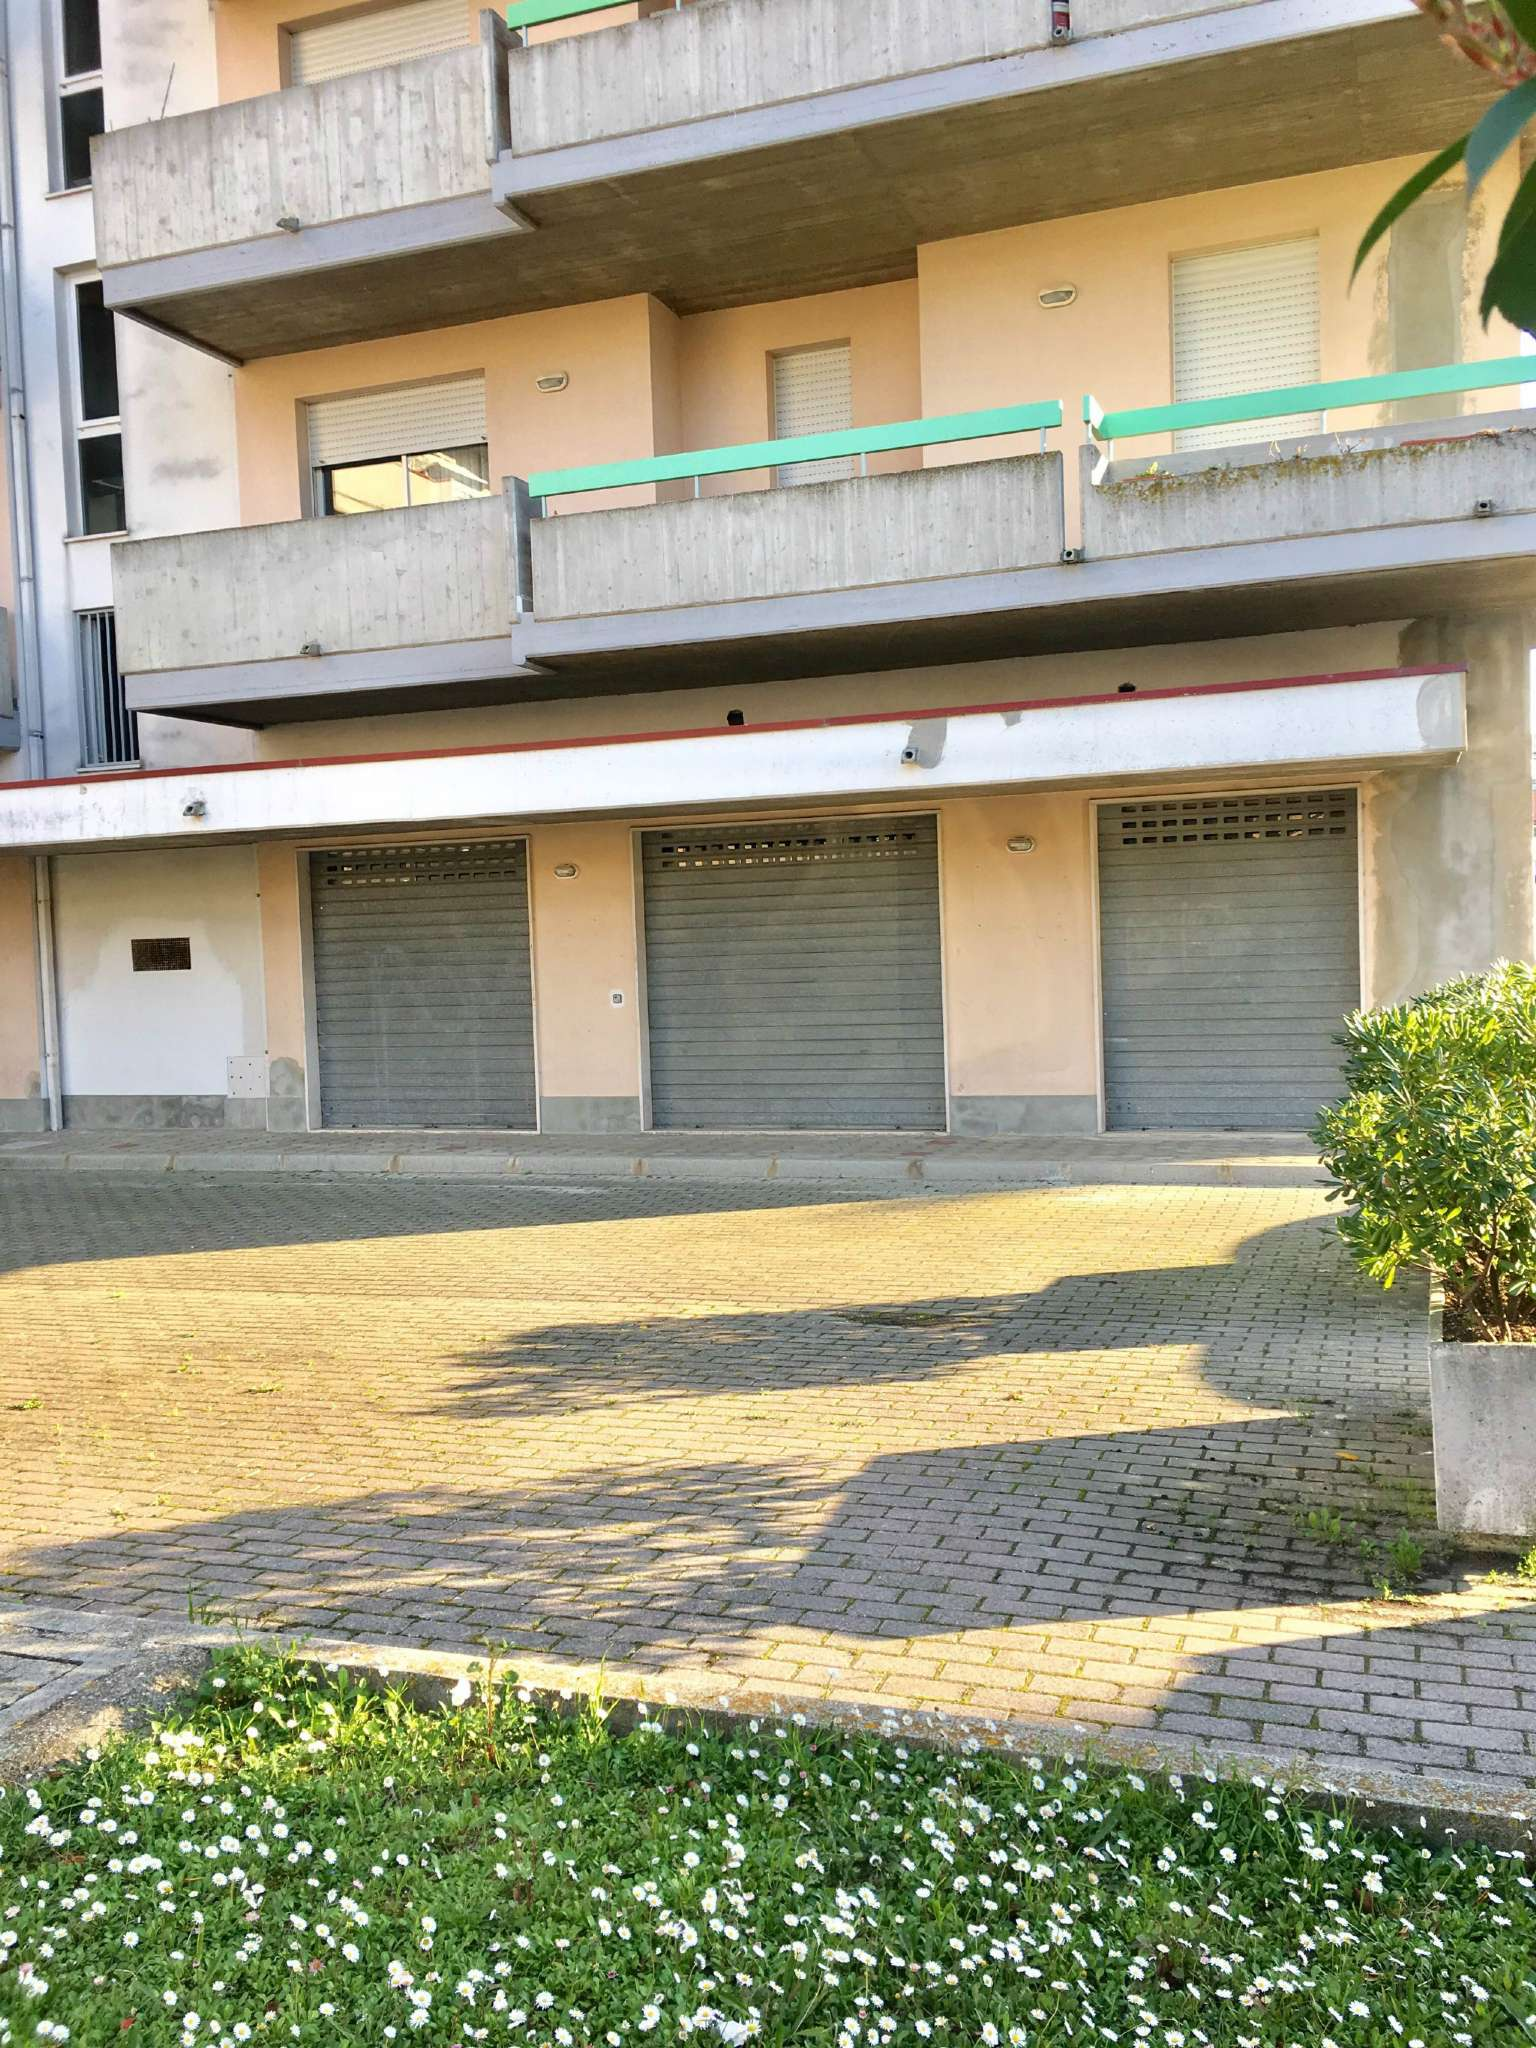 Negozio / Locale in affitto a Montesilvano, 2 locali, prezzo € 500 | Cambio Casa.it